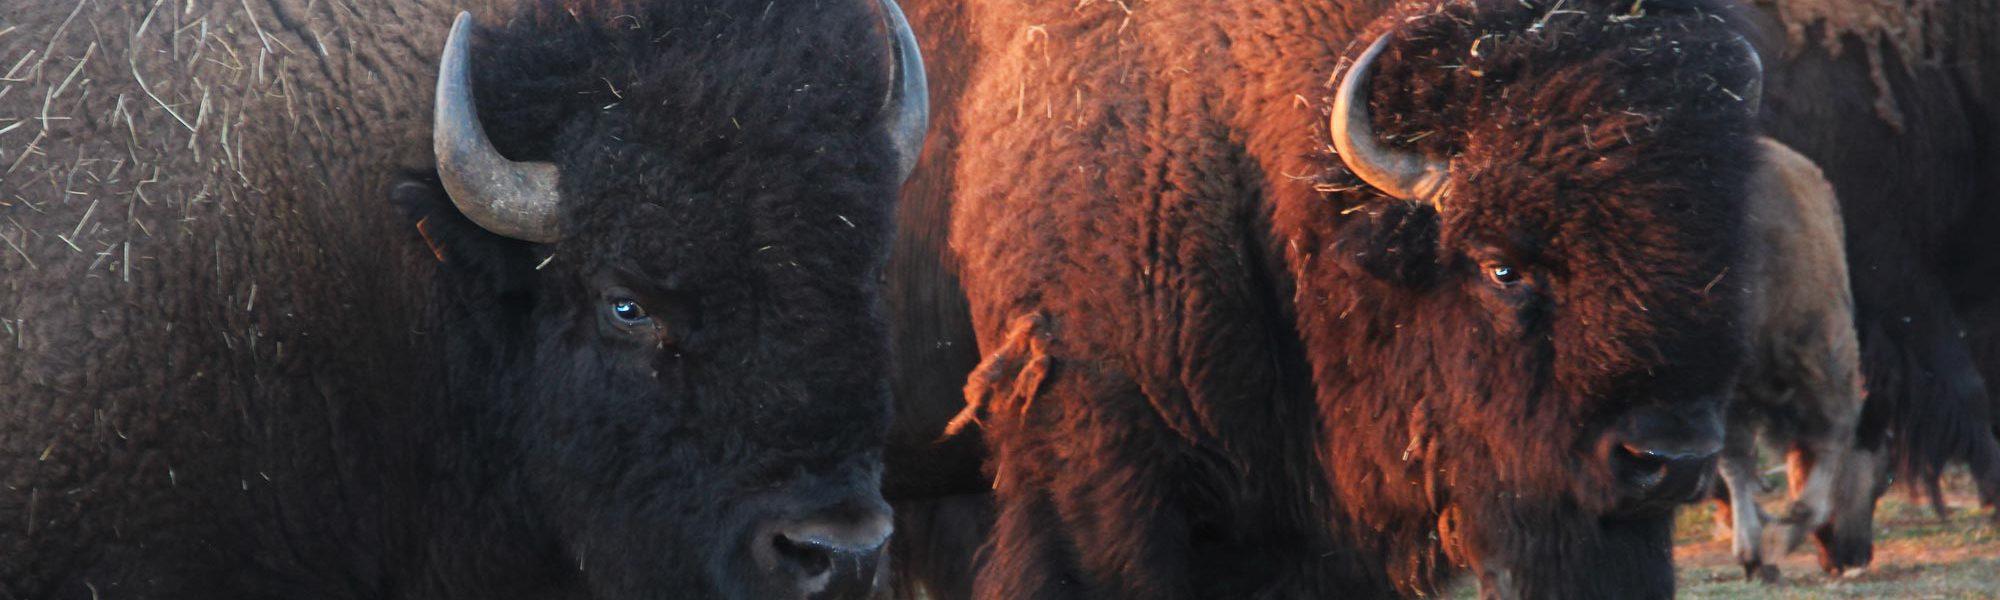 s-deux-bisons